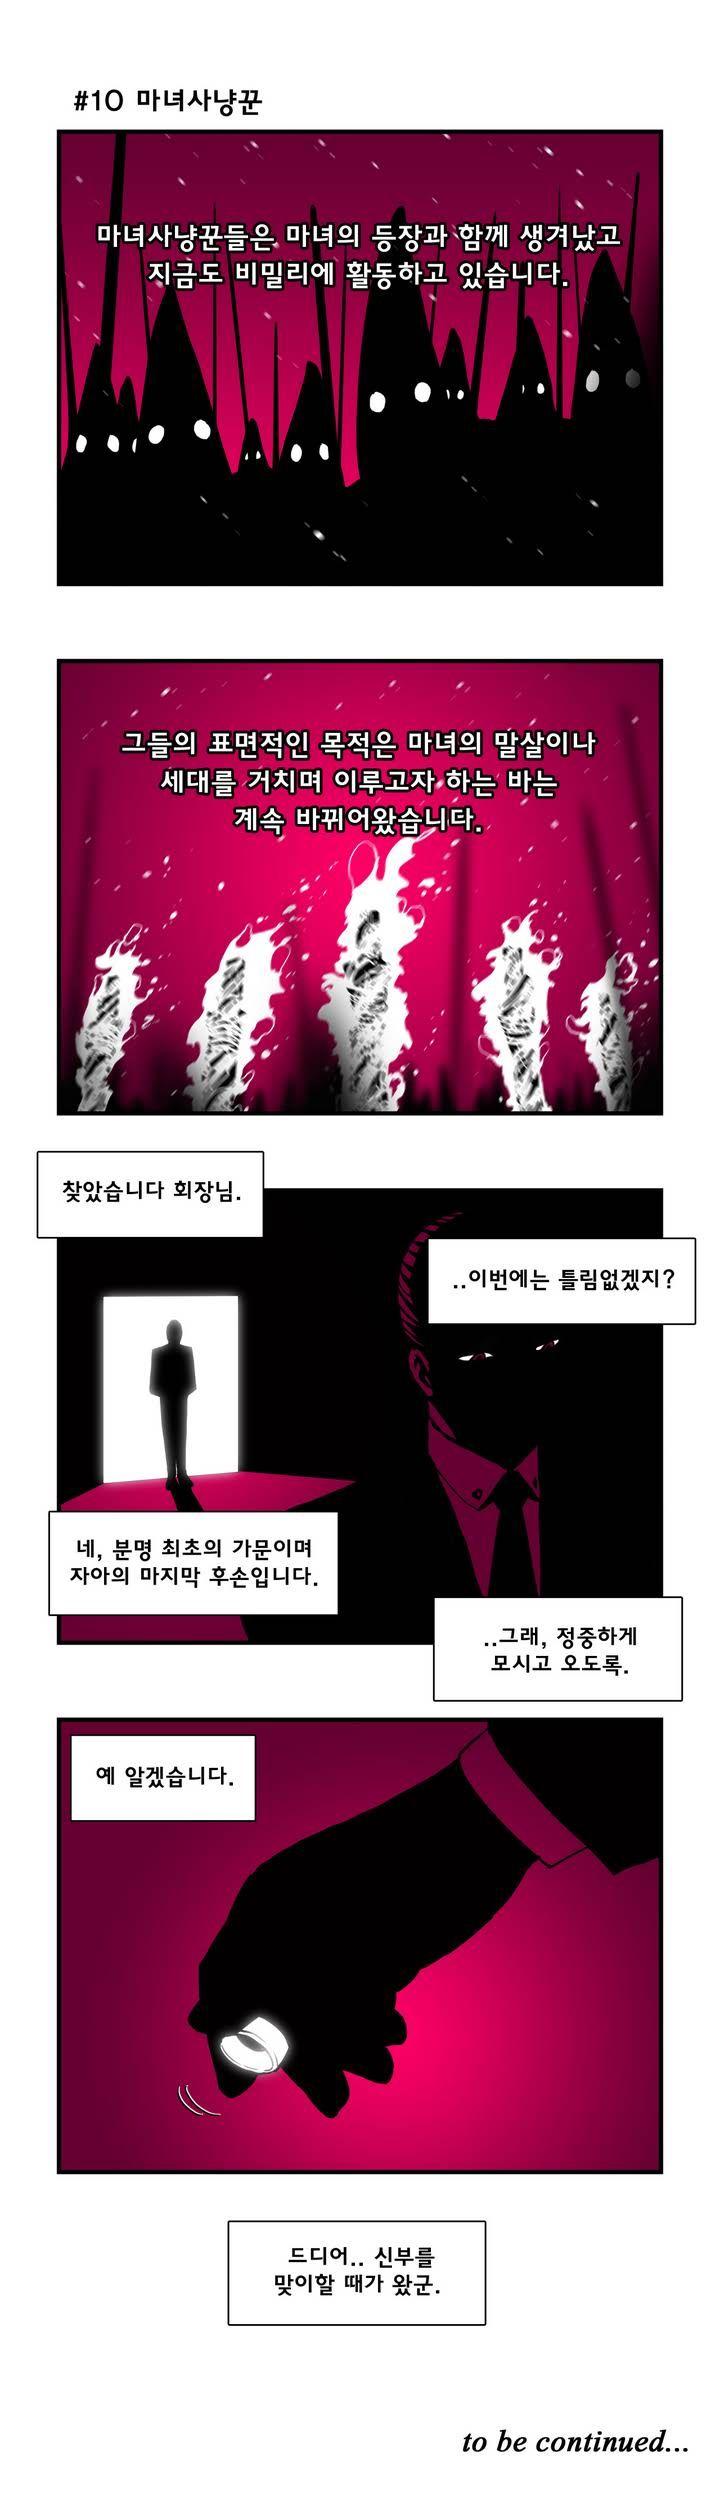 데일리 위치/프롤로그 - 레진코믹스 - 프리미엄 웹툰 & 만화 서비스